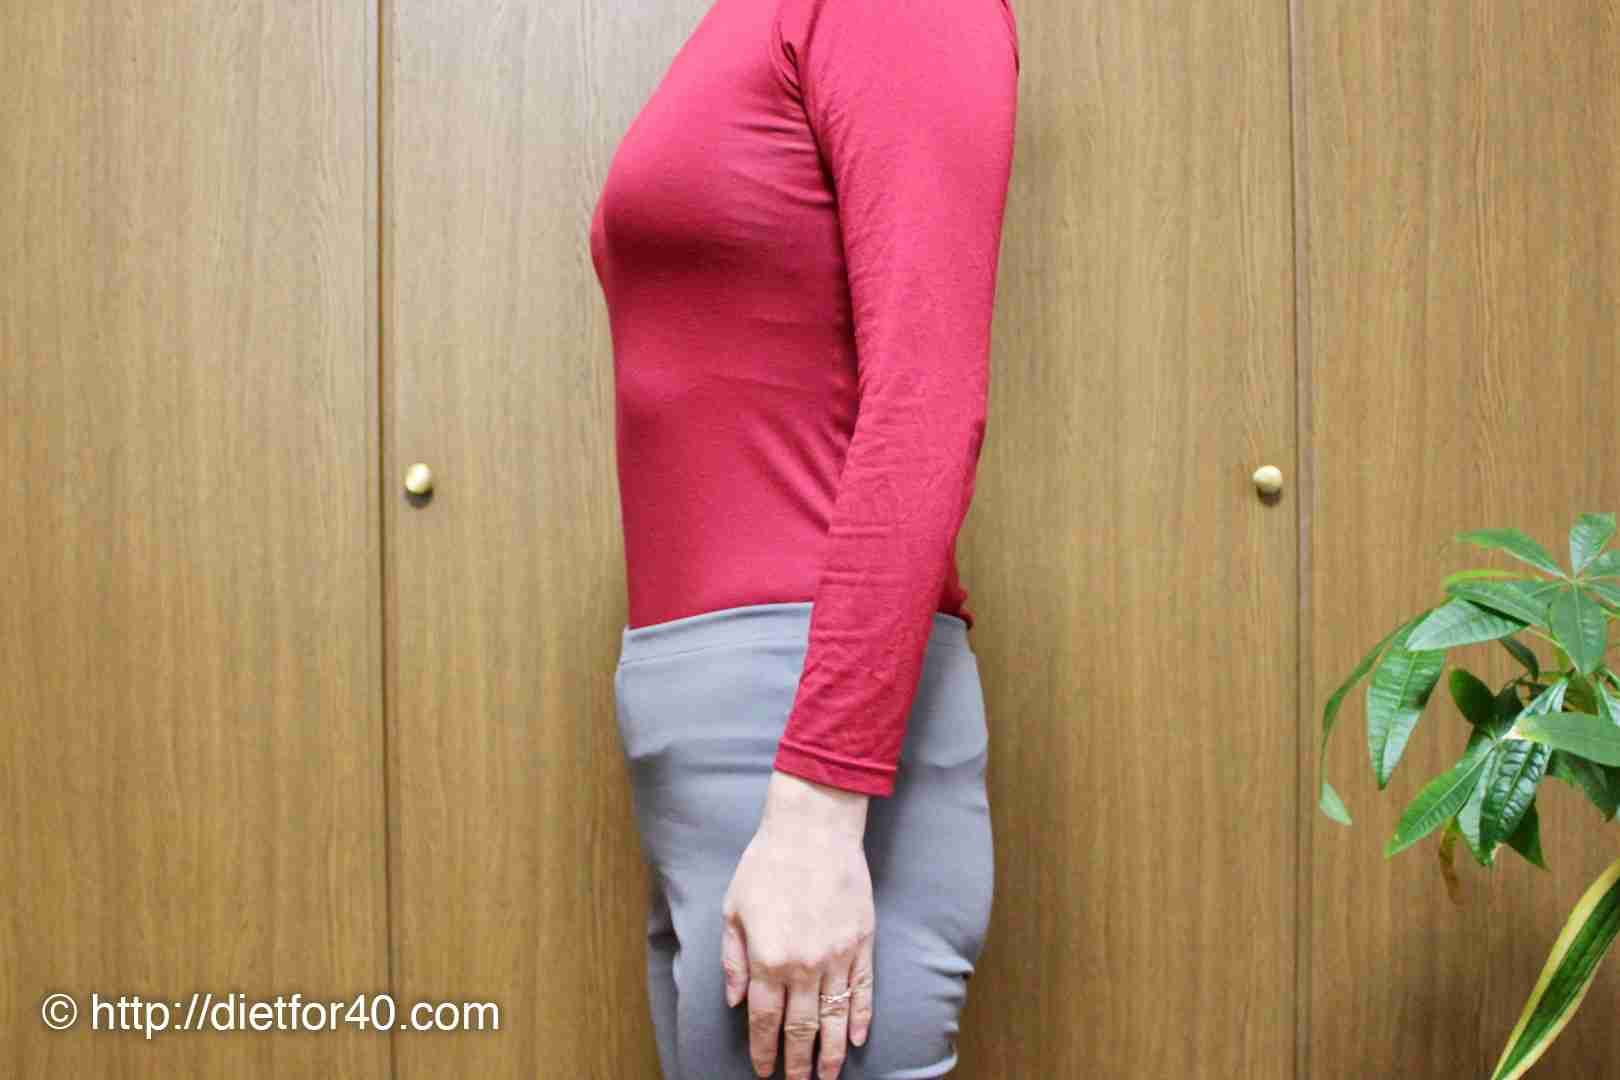 20代の頃と同じ体重まで減量したけど、スタイルはまったく違うアラフォーの今。BMIじゃ測れないお腹ぽっこり・たるんだ体に喝を入れる - 目指せ20代!アラフォー女性の脱お腹ぽっこりダイエット